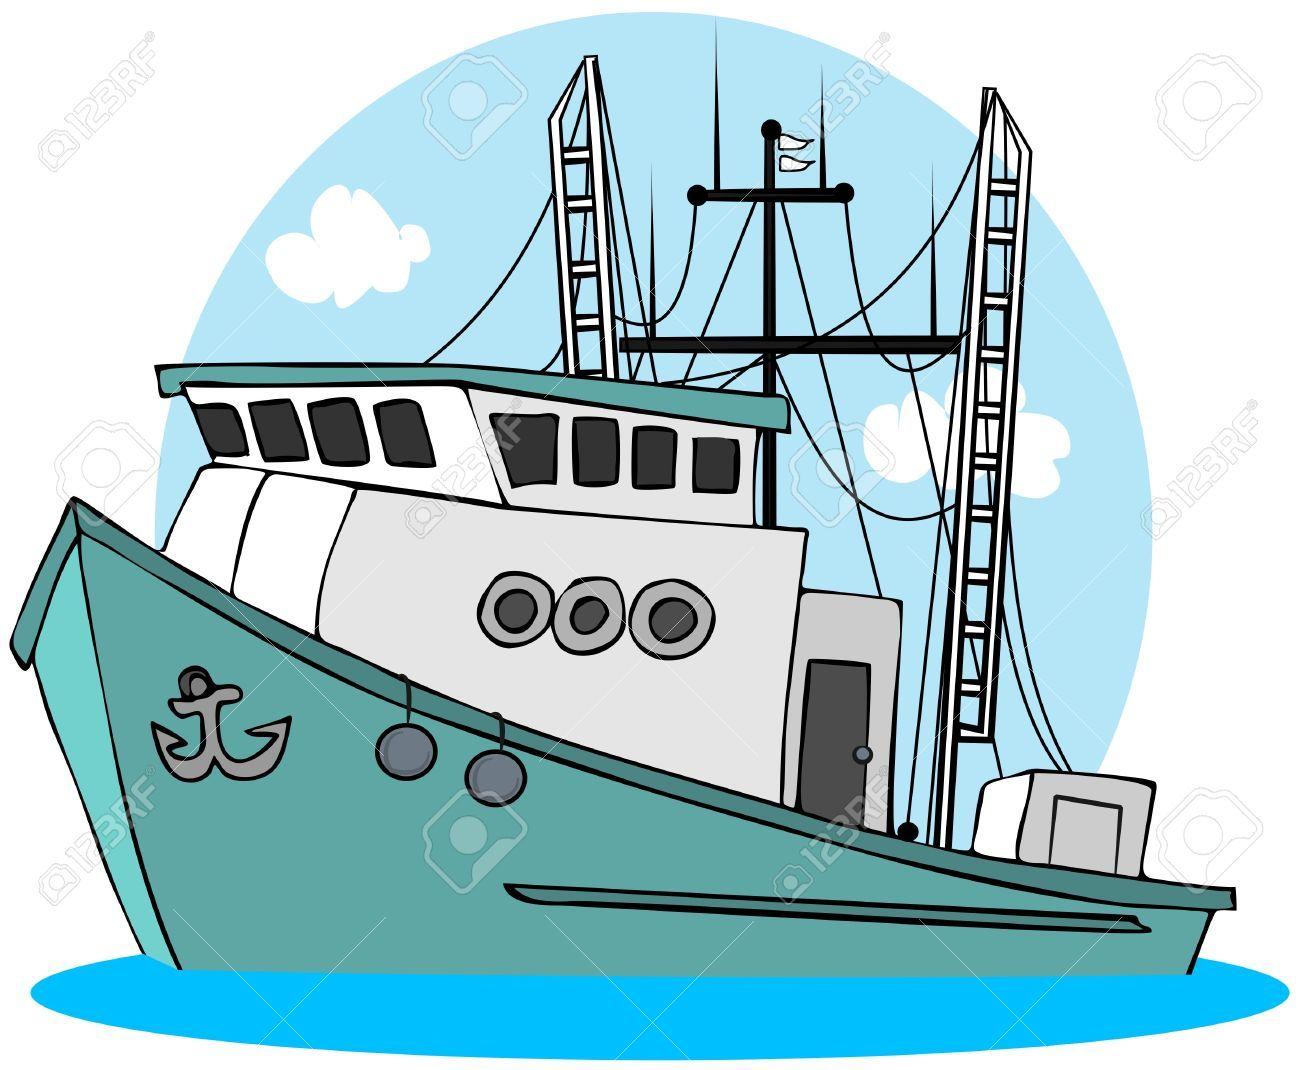 7920246 Fishing Trawler Stock Photo Boat Fishing Cartoon Jpg 1300 1070 Funny Fishing Tshirts Fishing Boats Funny Fishing Shirts